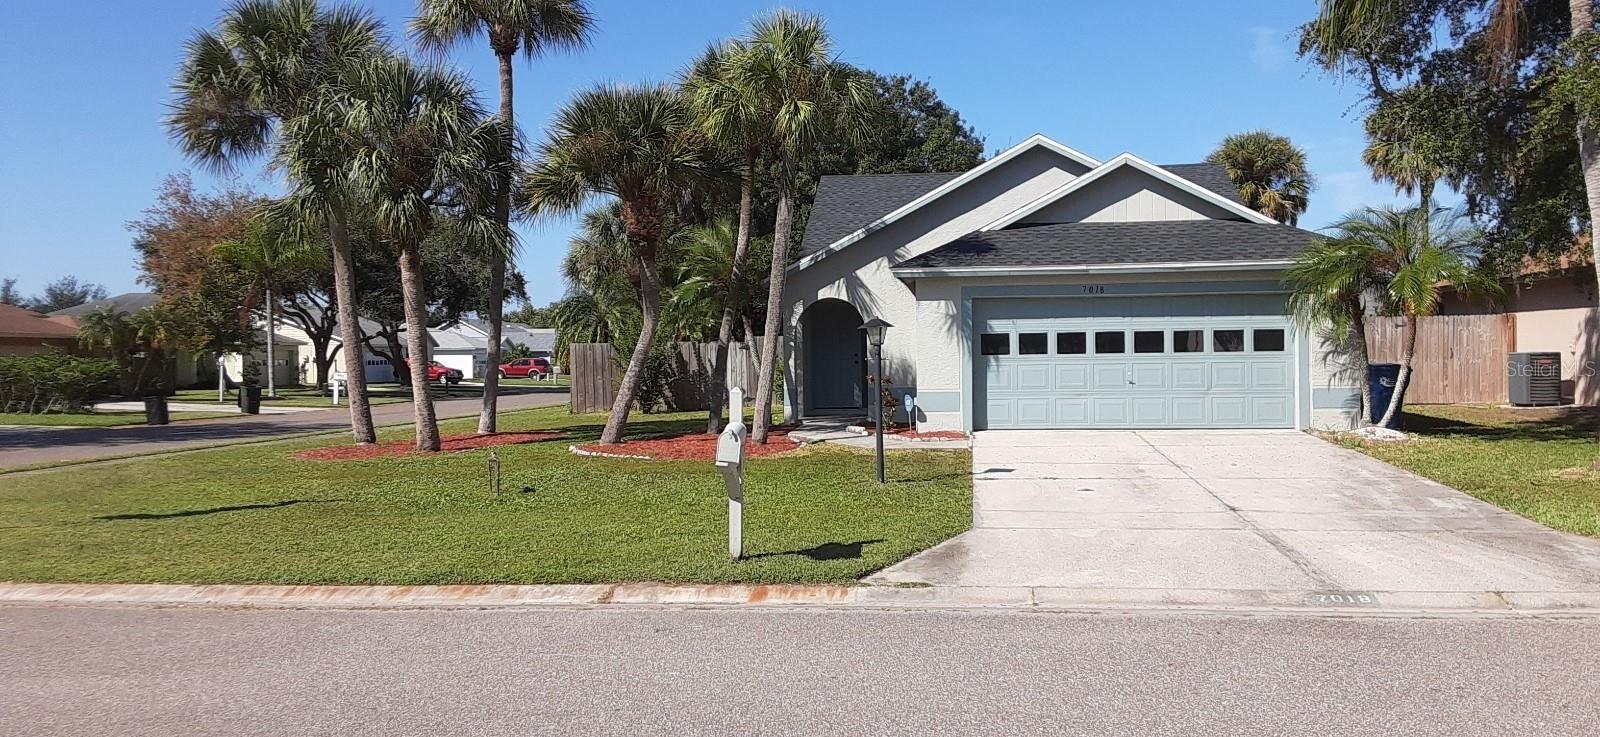 7018 44TH COURT E, Sarasota, FL 34243 - #: A4515398